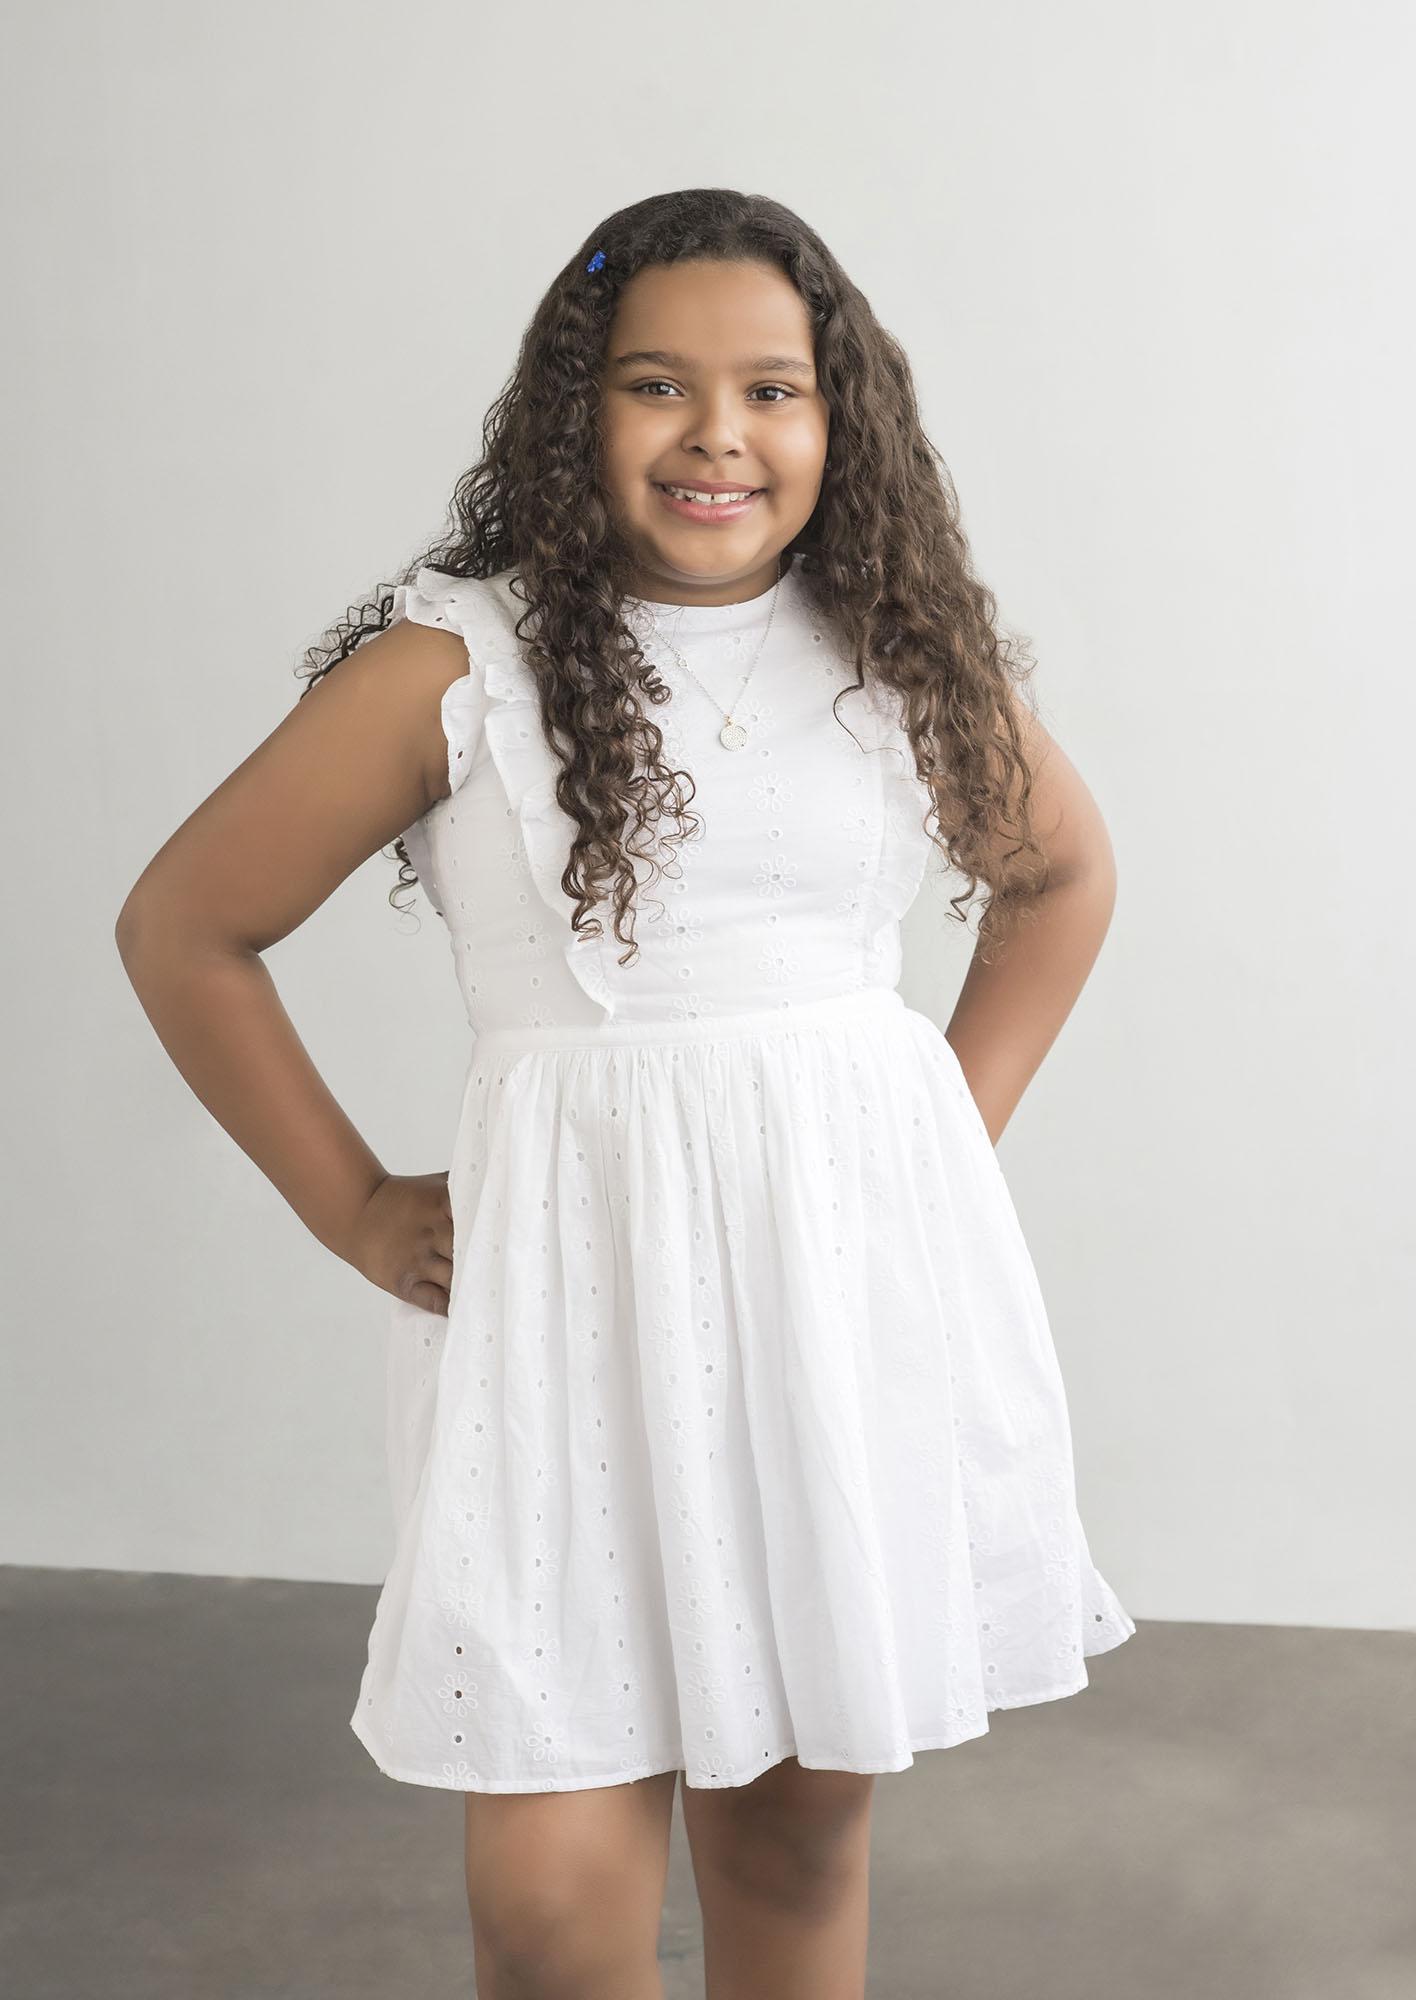 girl posing for family portraits